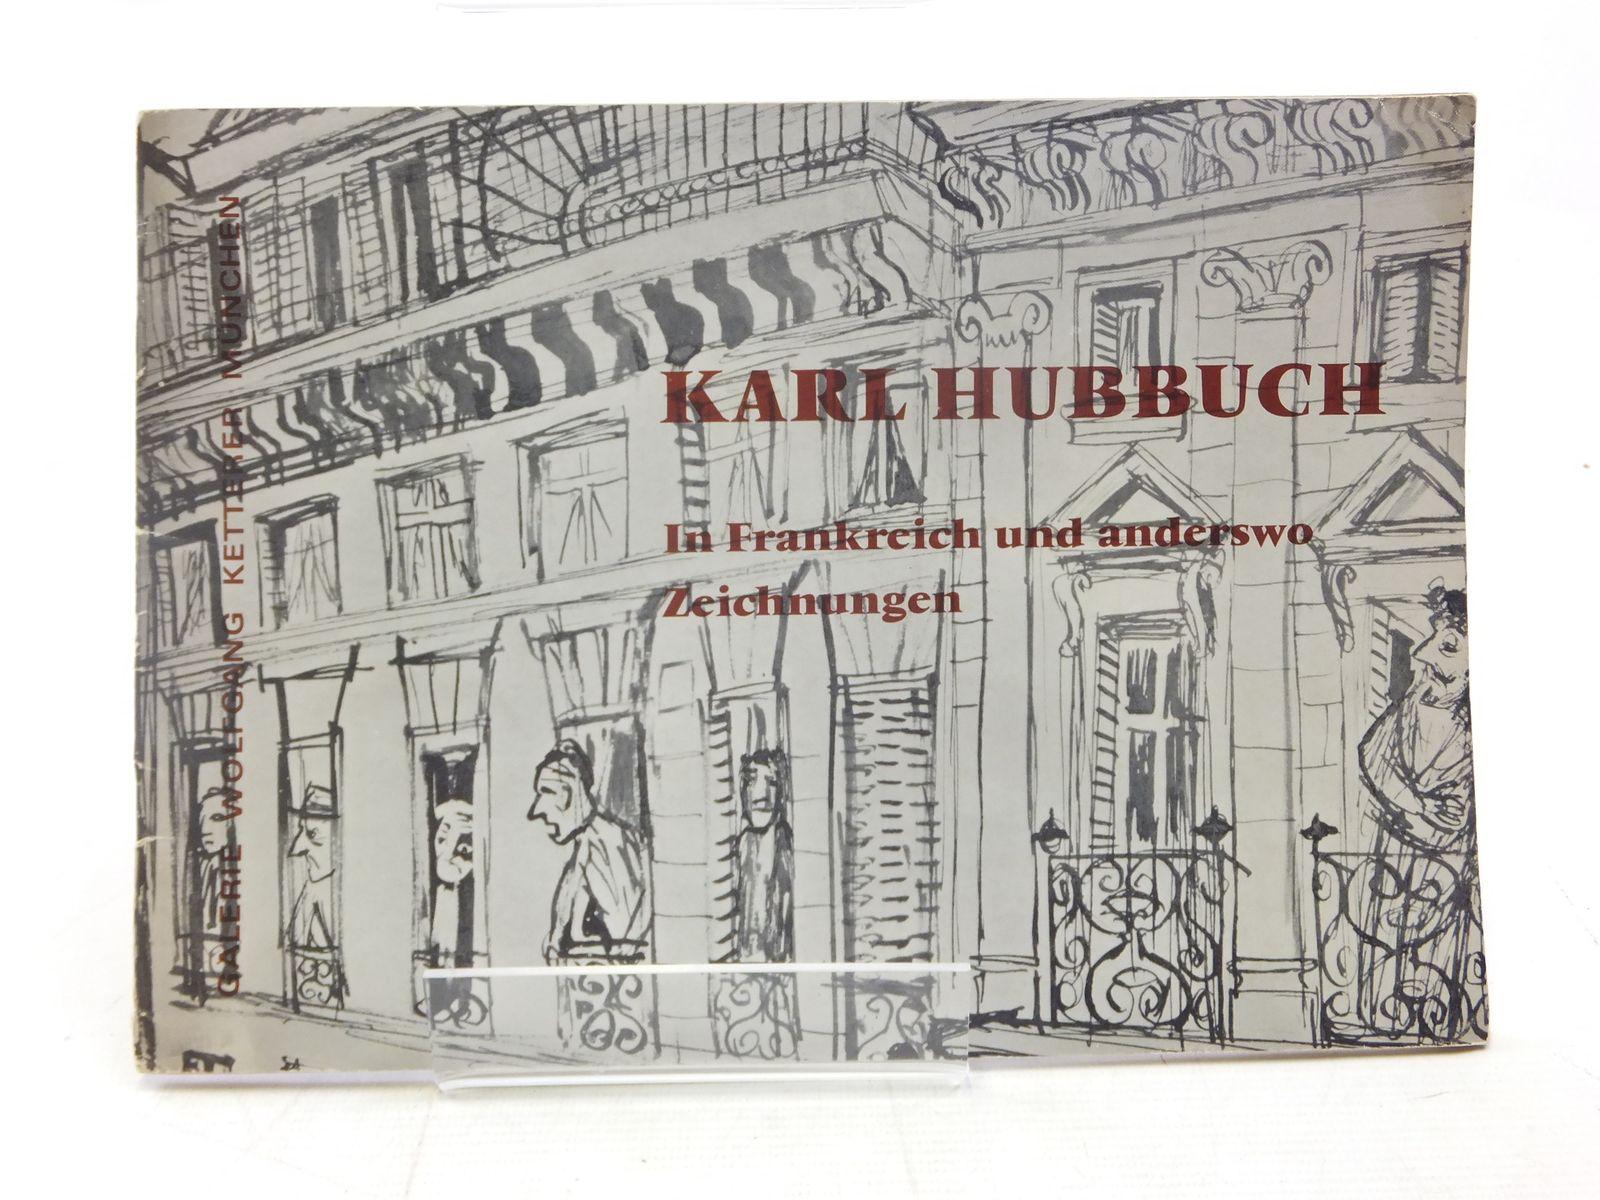 Photo of KARL HUBBUCH ZUM 80 GEBURTSTAG IN FRANKREICH UND ANDERSWO ZEICHNUNGEN published by Galerie Wolfgang Ketterer (STOCK CODE: 1607195)  for sale by Stella & Rose's Books